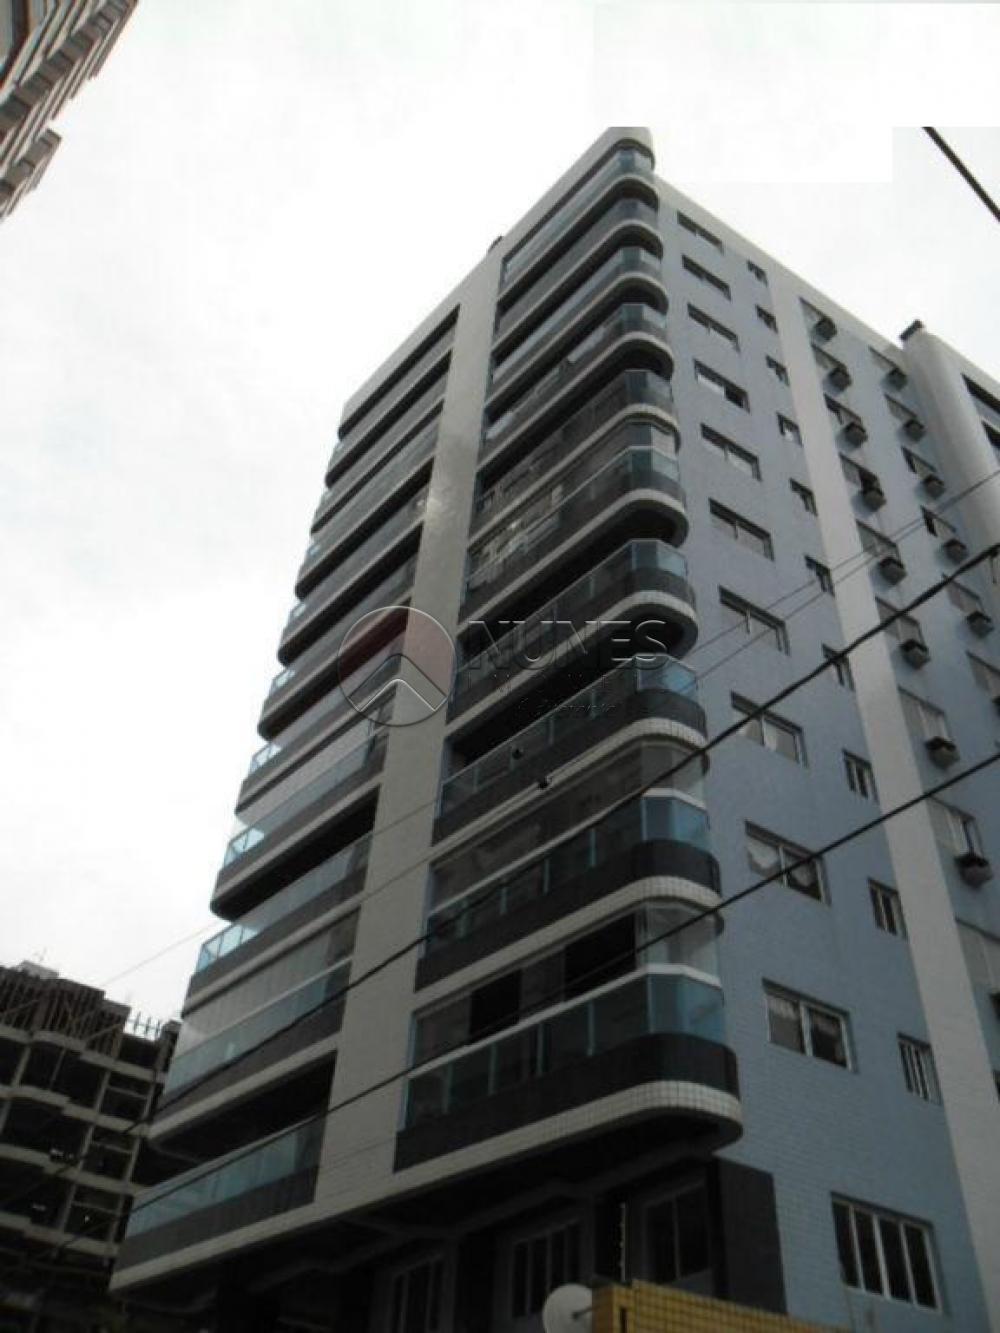 Comprar Apartamento / Padrão em Praia Grande apenas R$ 280.000,00 - Foto 1